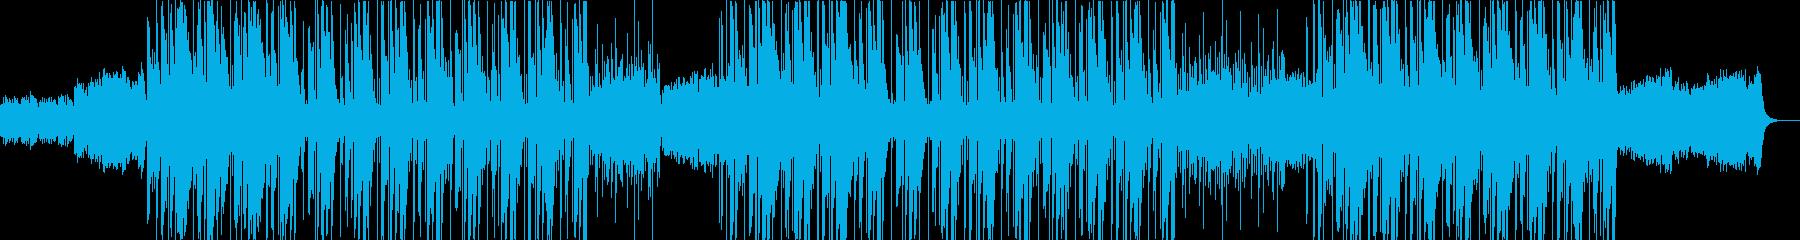 フルートが印象的な洋楽トラップビートの再生済みの波形